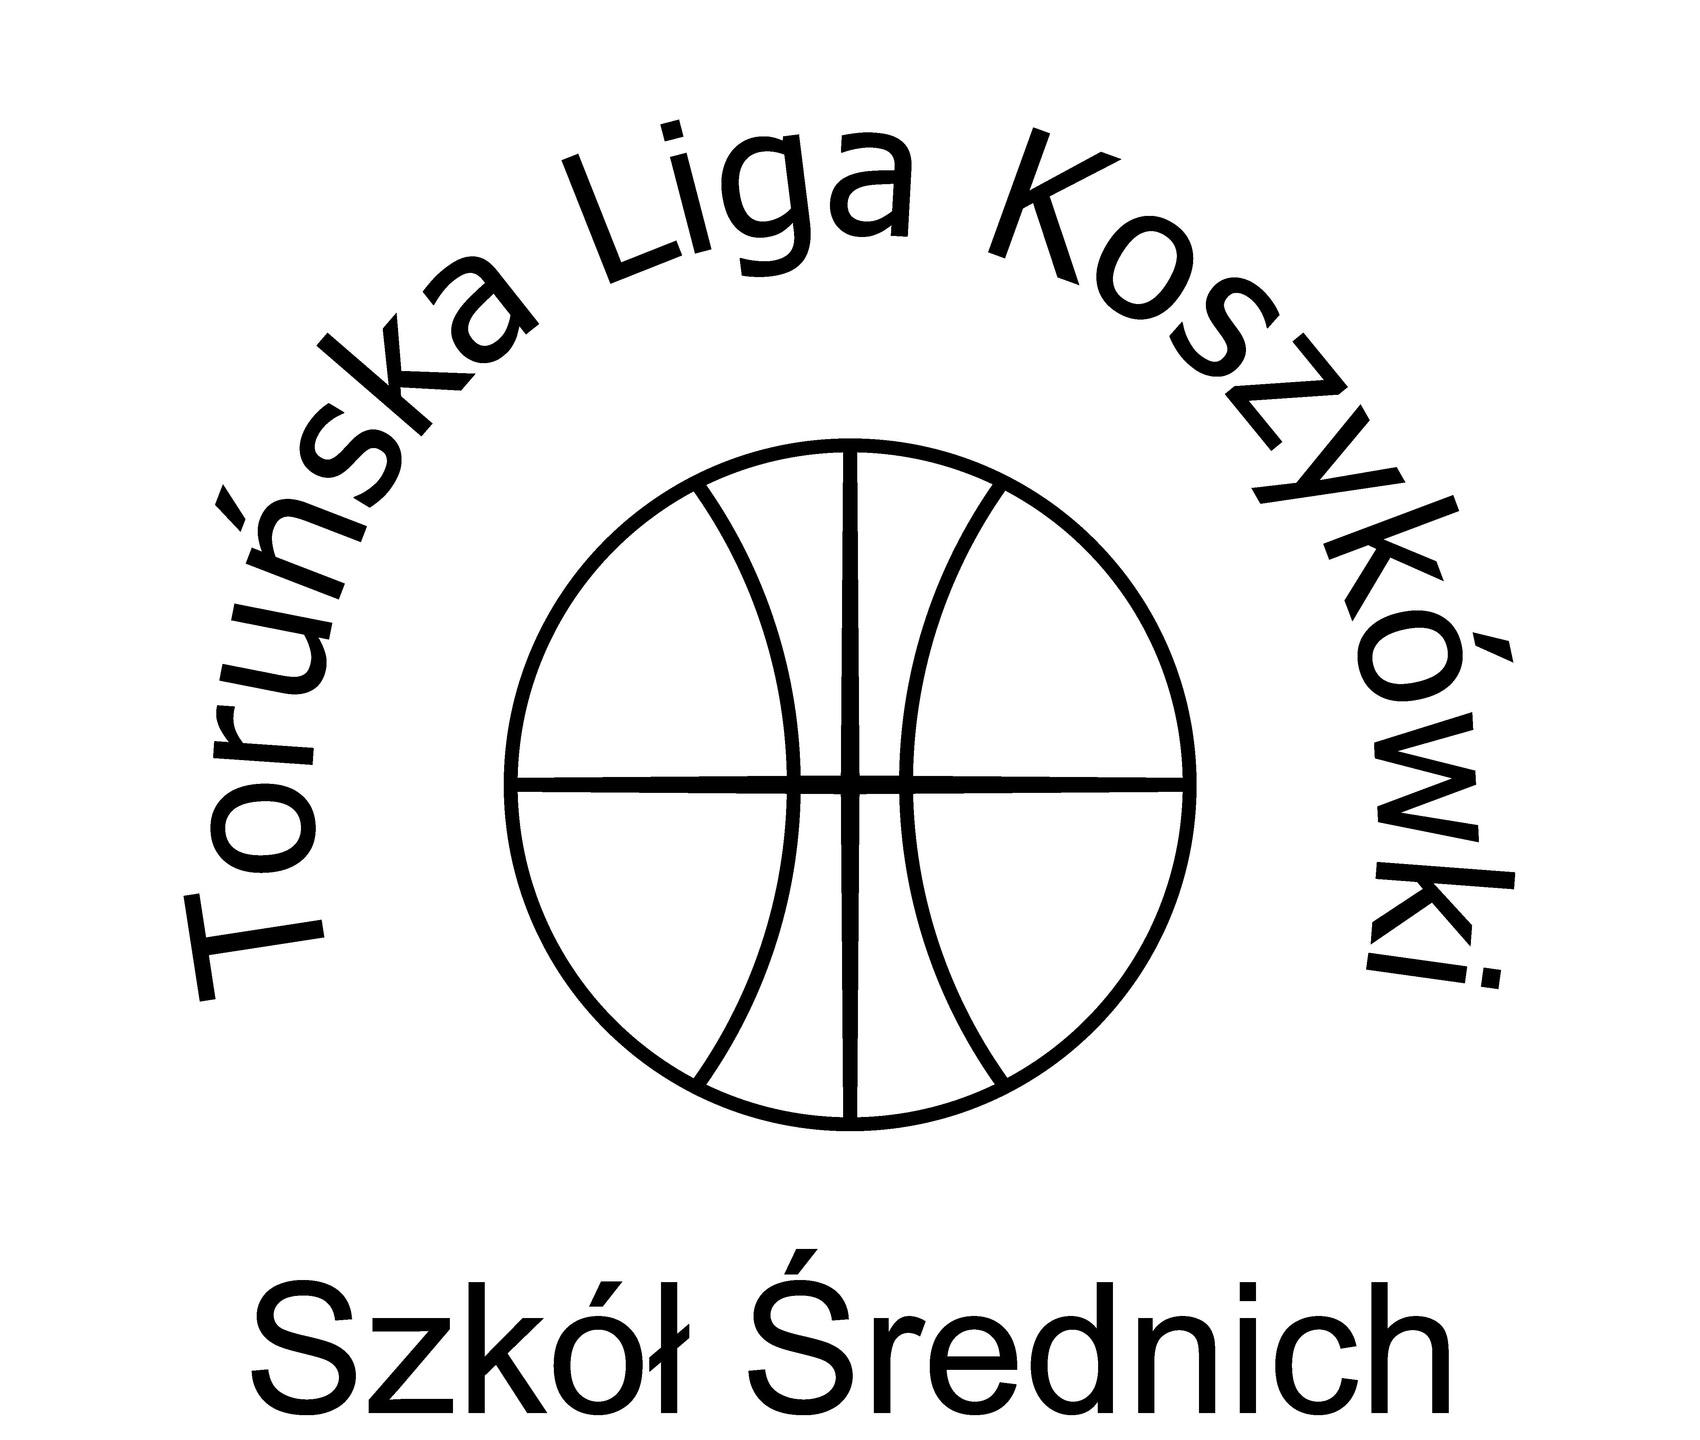 Toruńska Liga Koszykówki Szkół Średnich